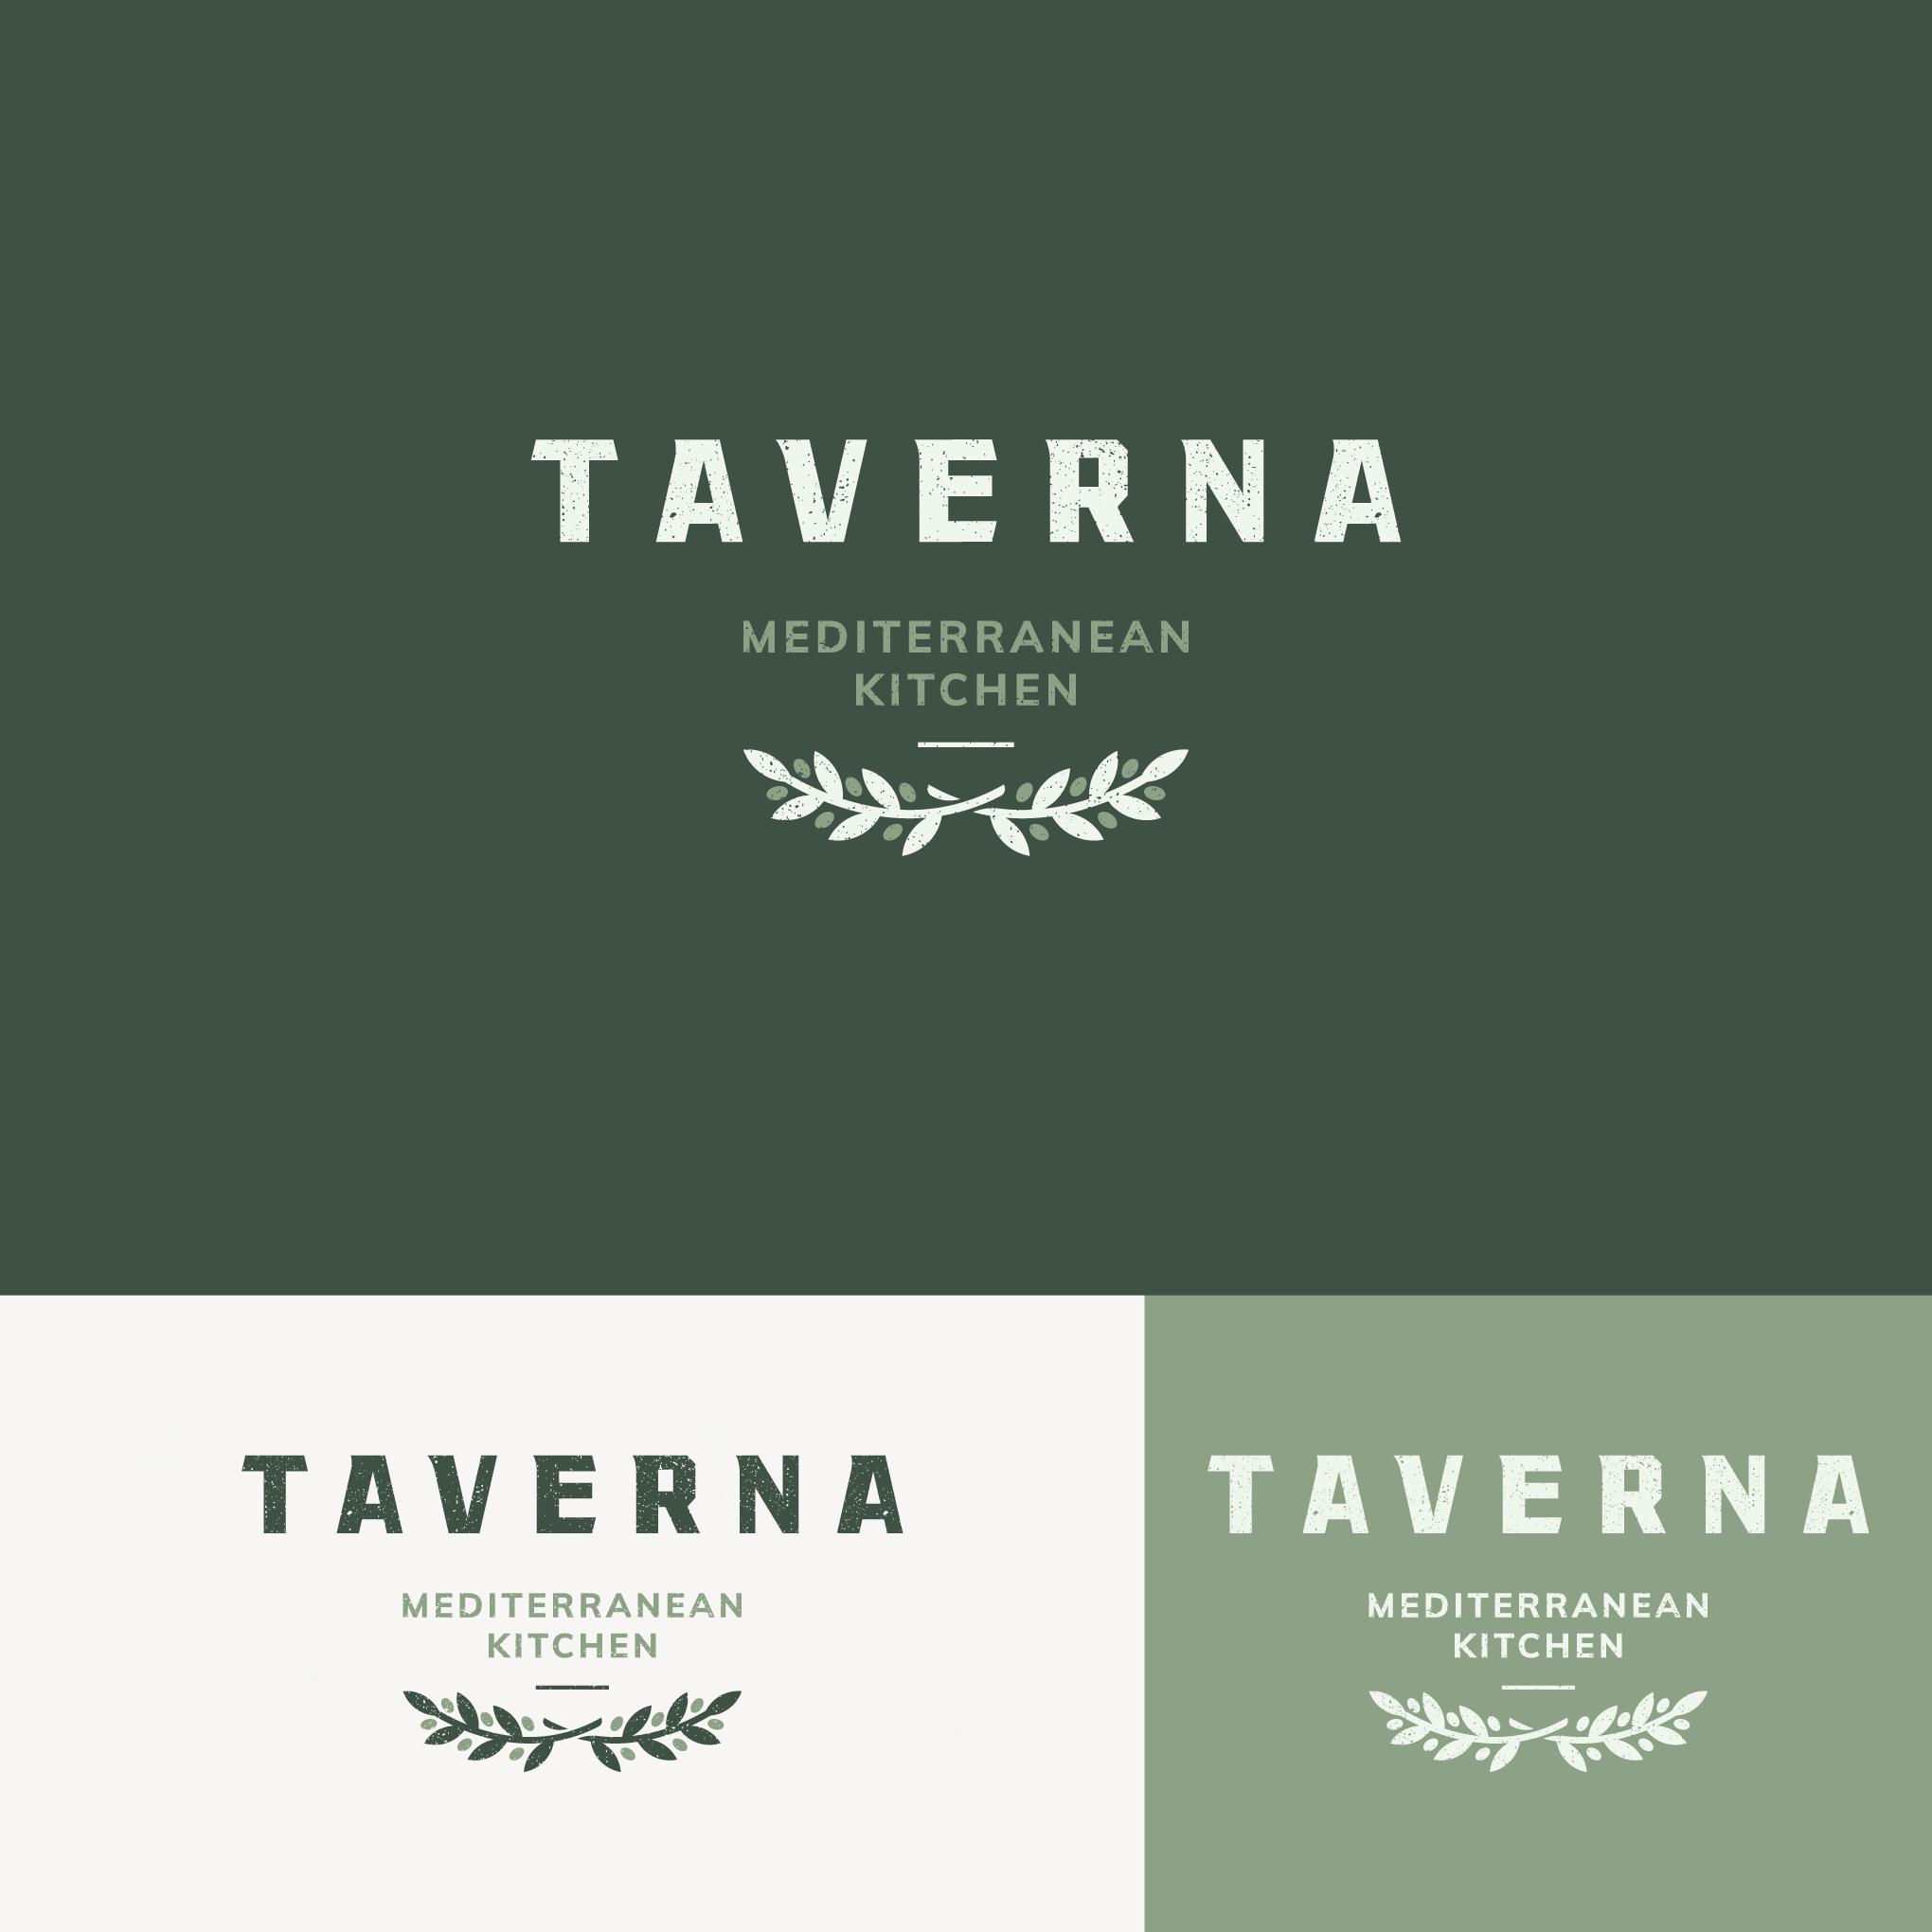 TAVERNA-LOGO-DESIGN3